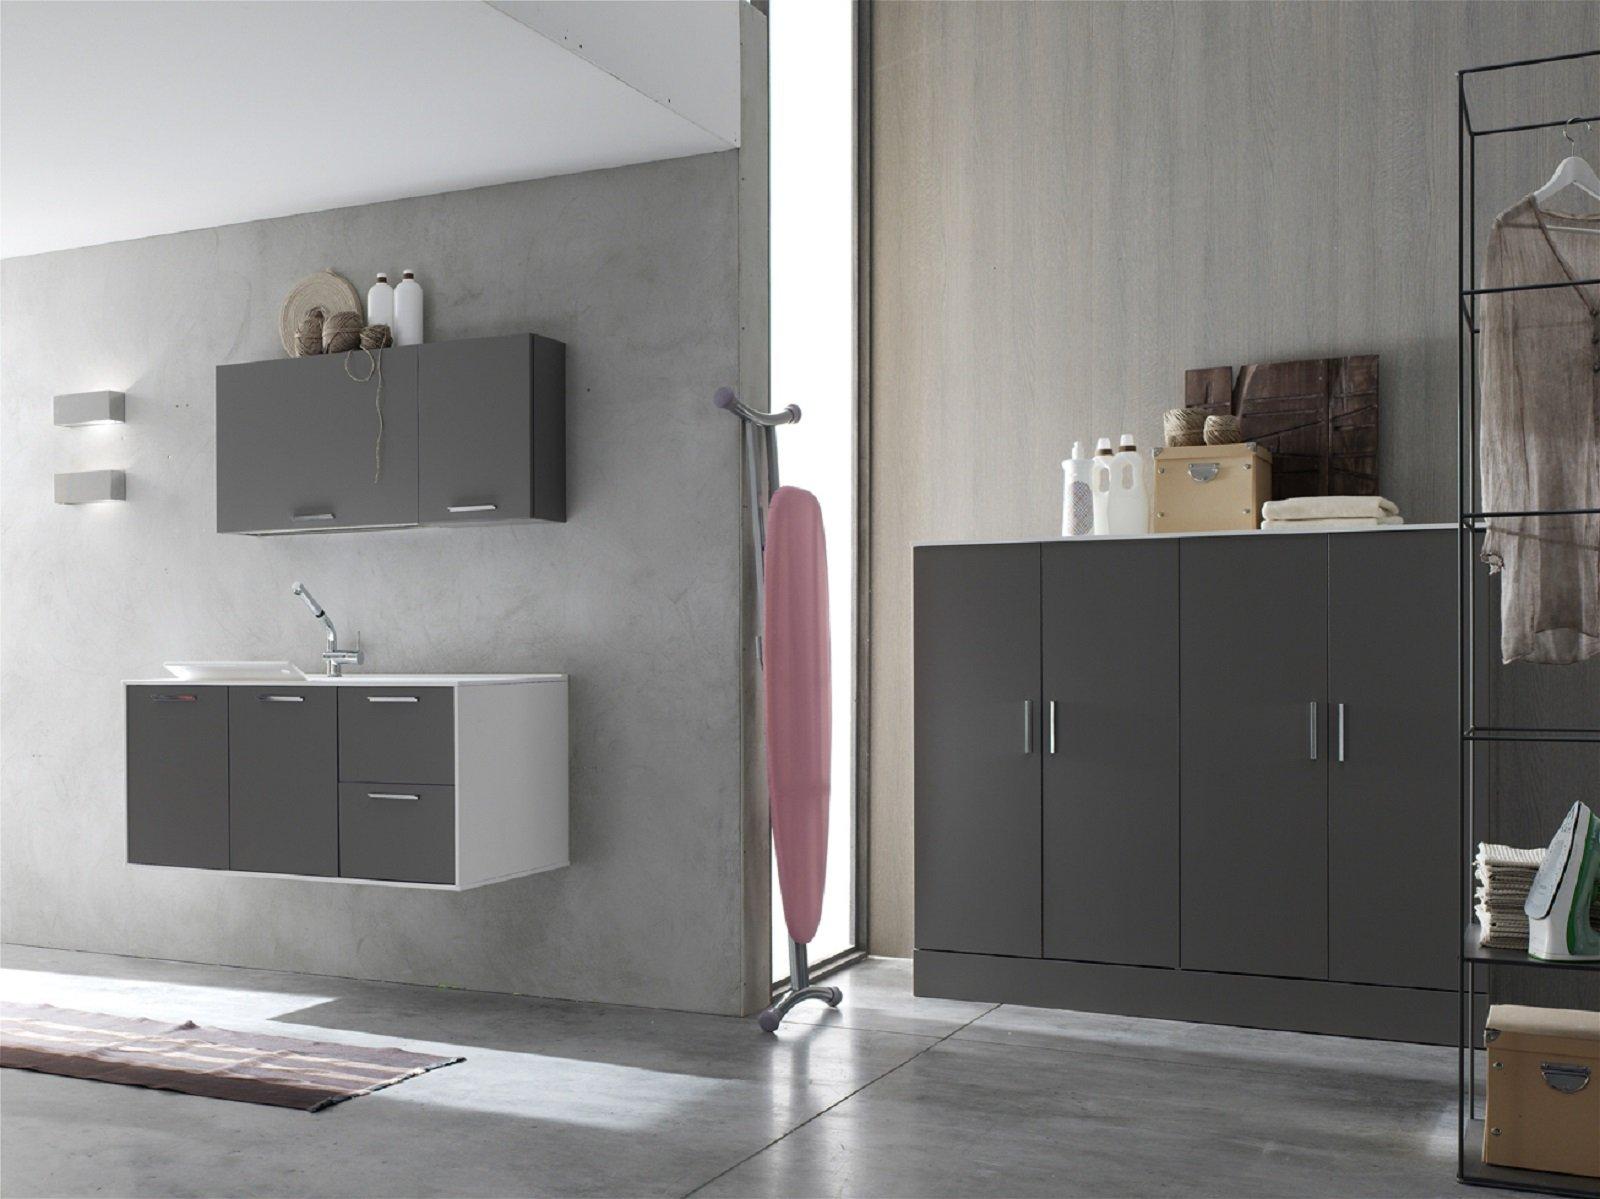 Lavanderia: in un mobile o in una stanza separata? cose di casa